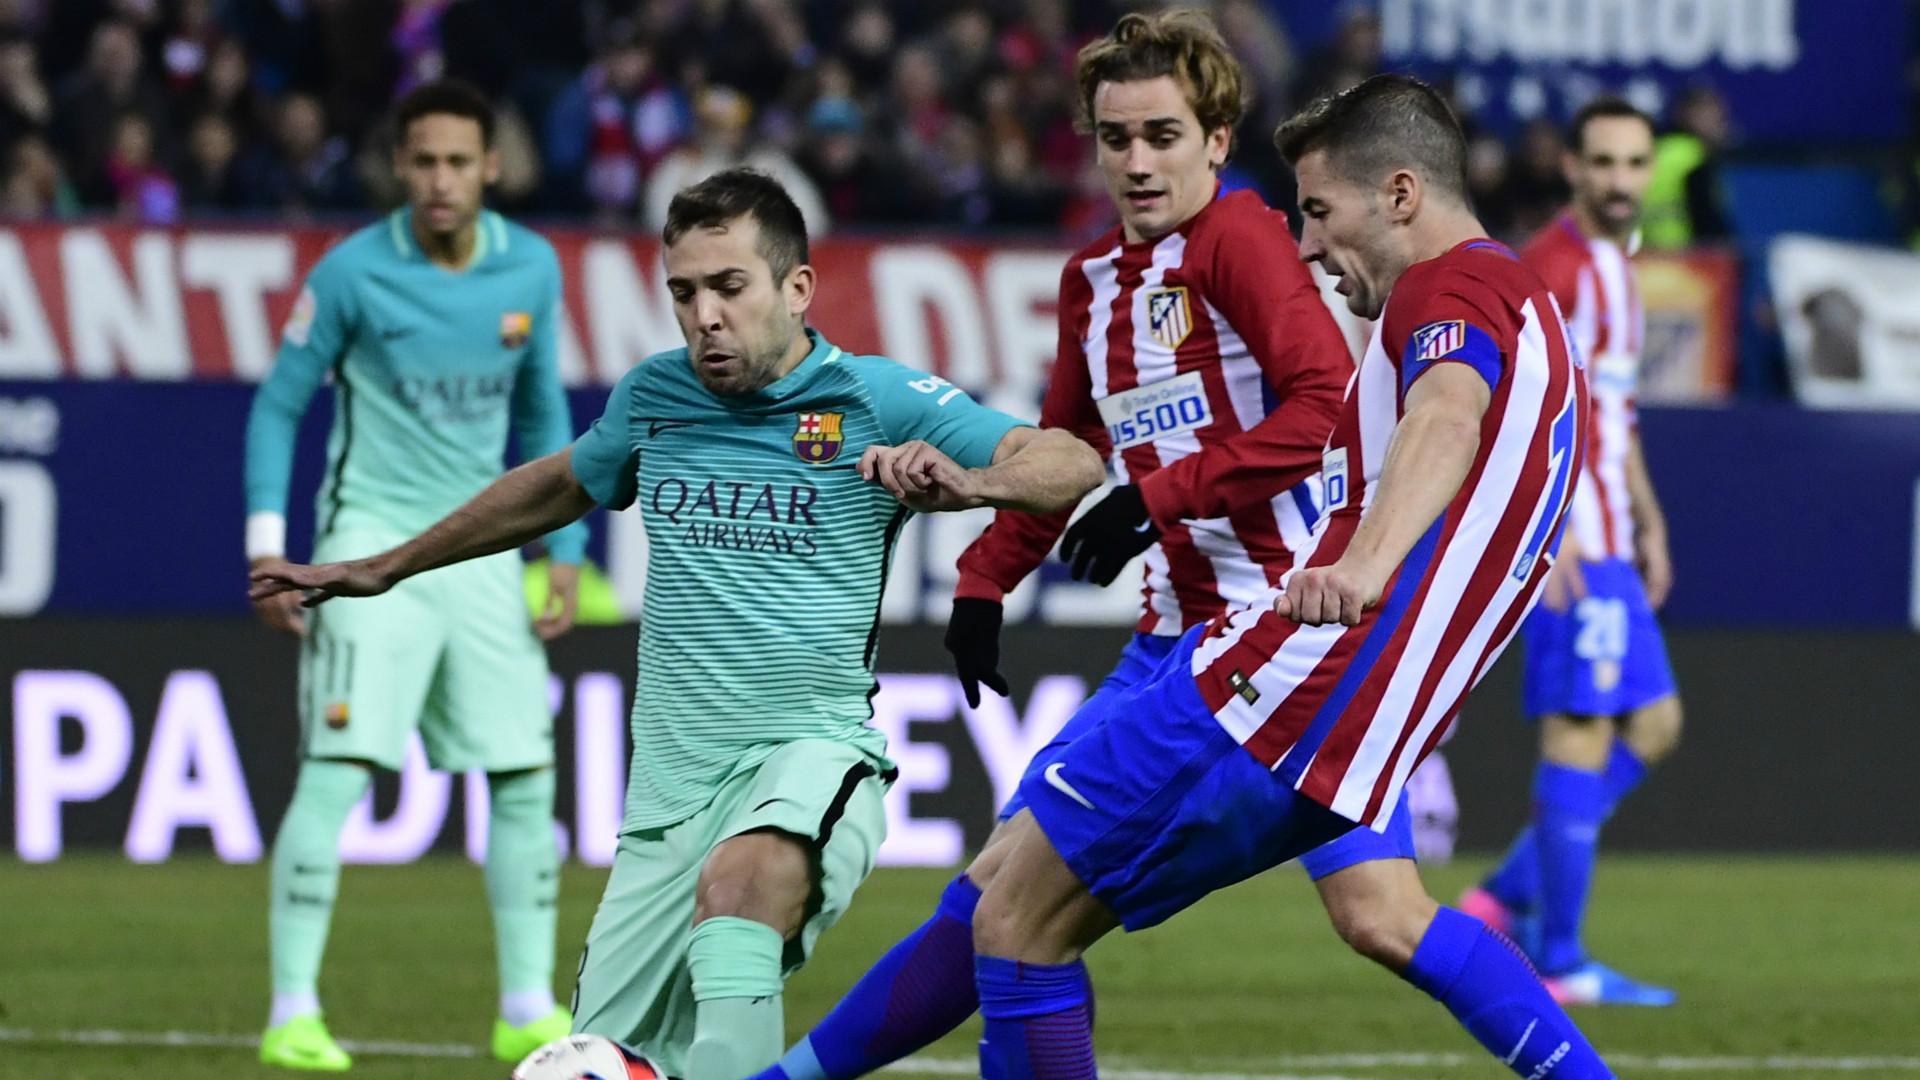 Gabi Jordi Alba Griezmann Atletico Madrid Barcelona Copa del Rey